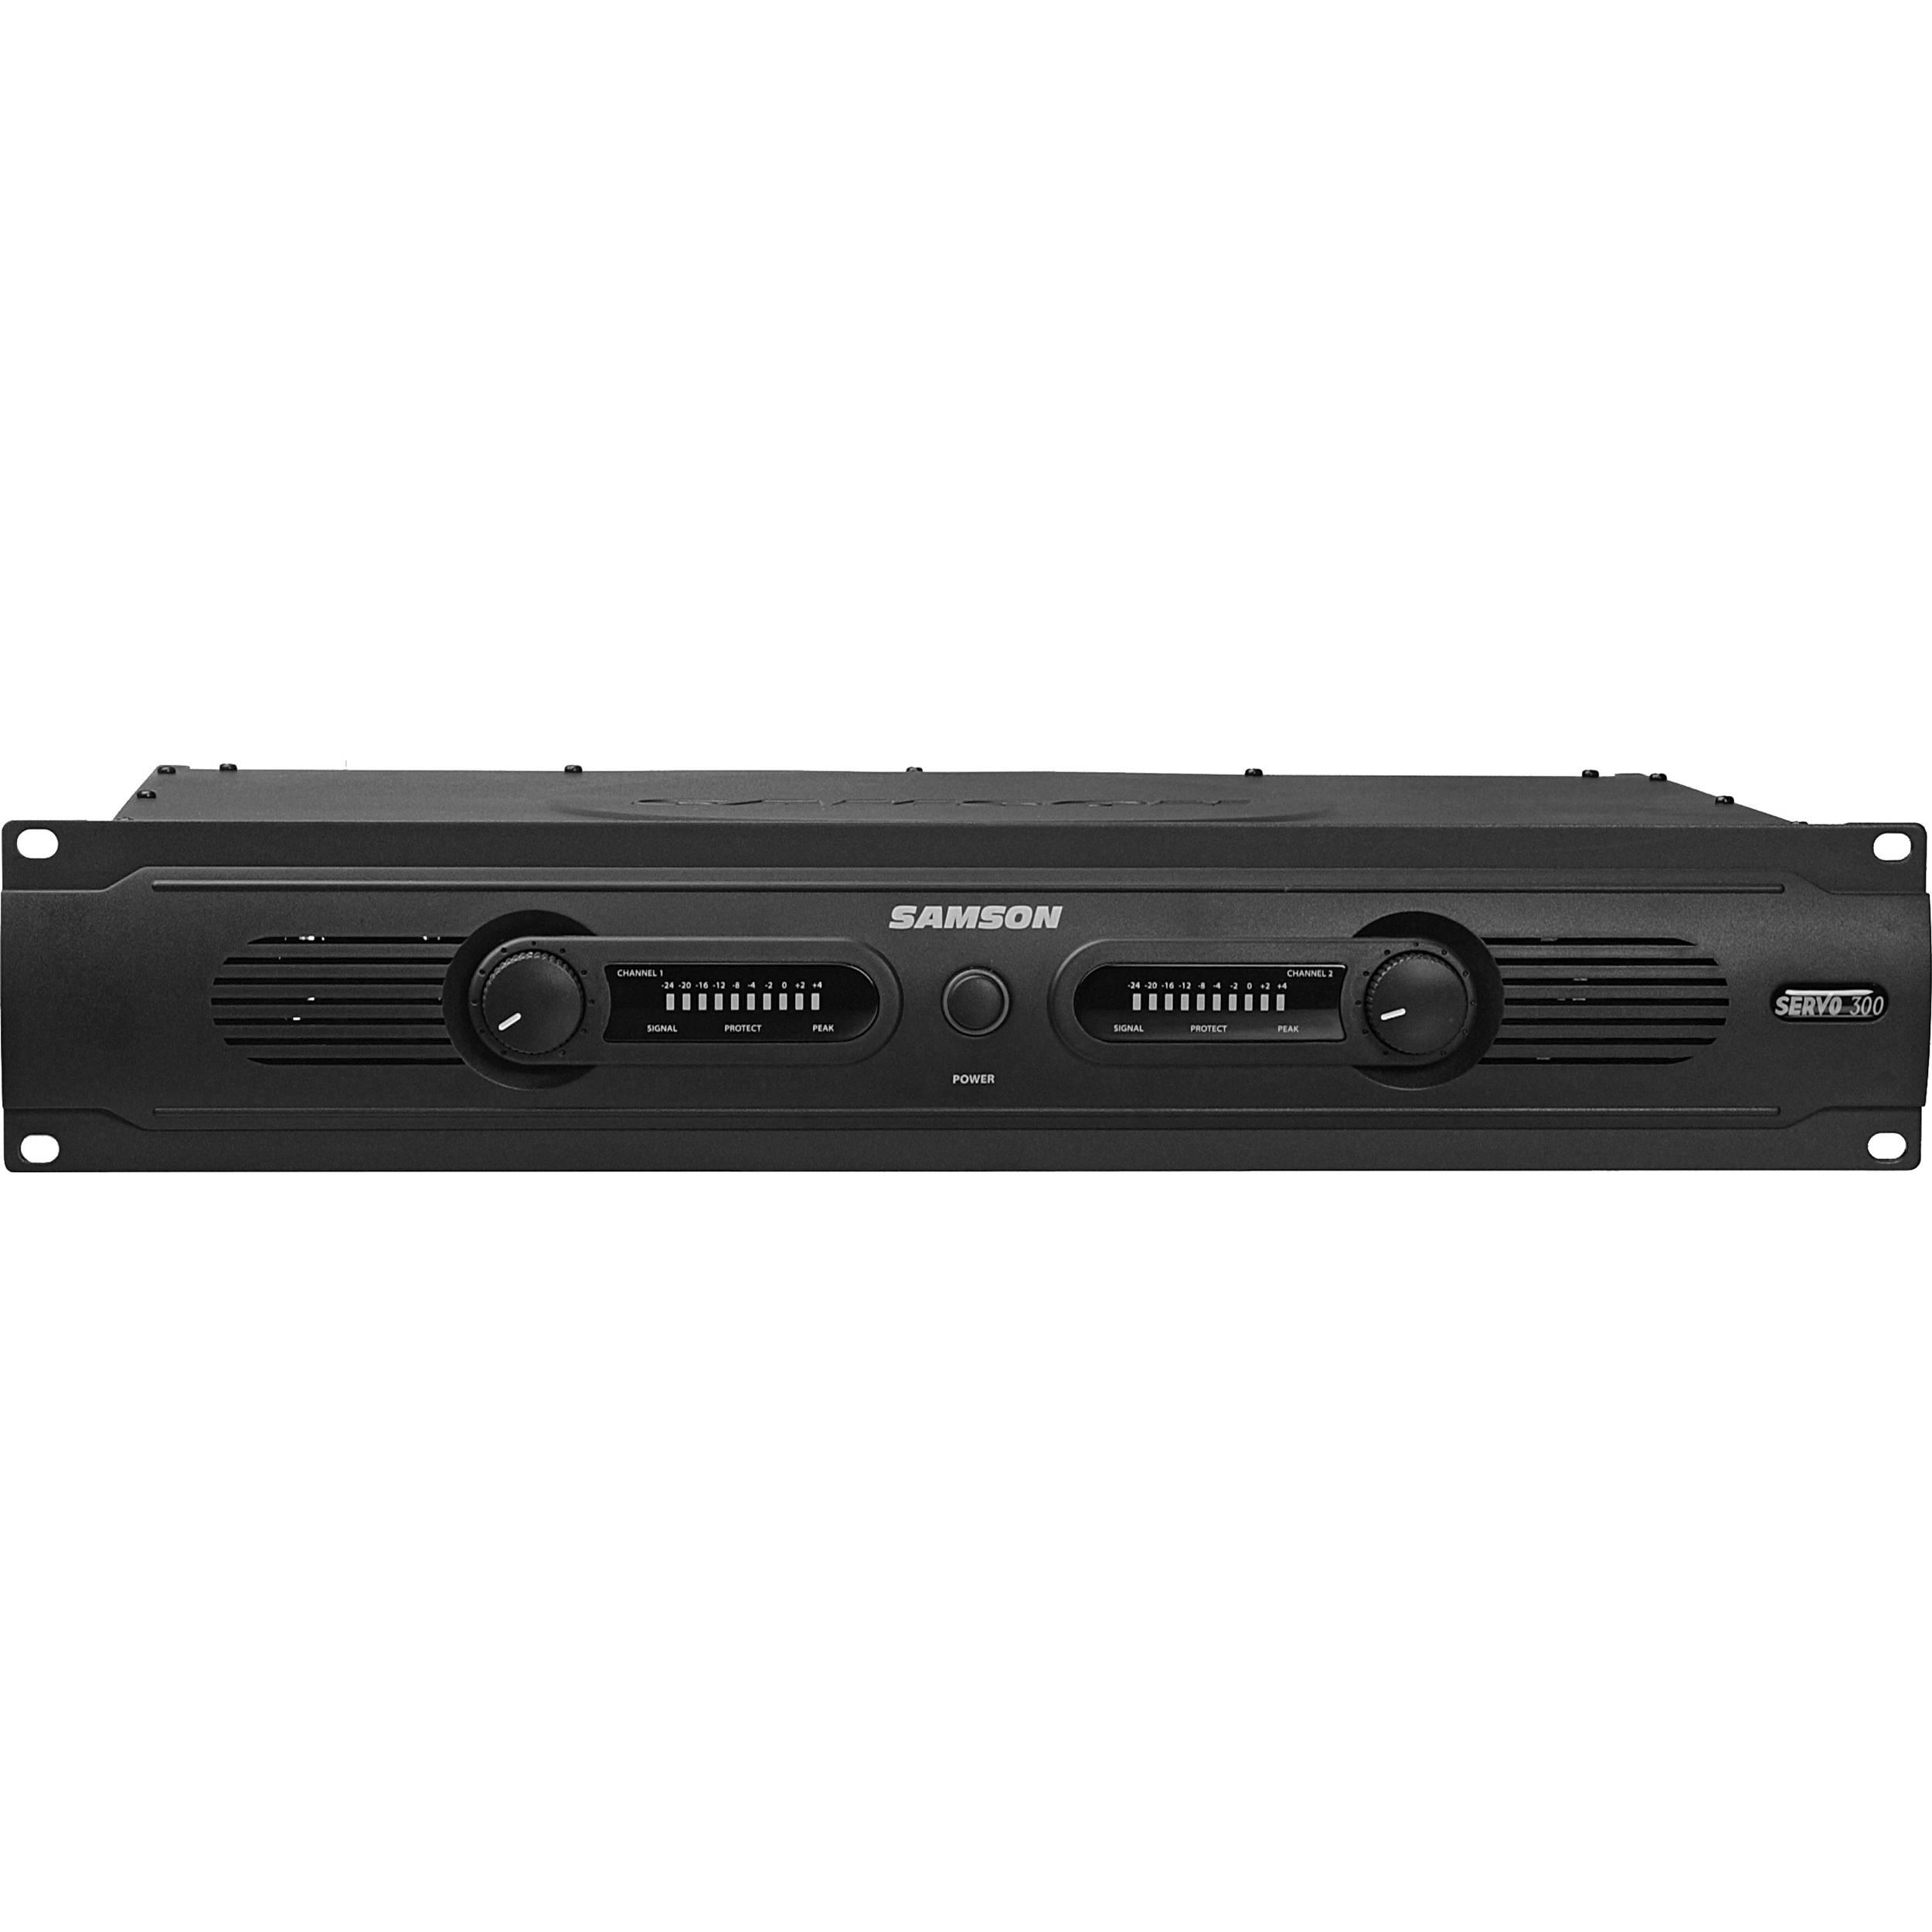 Samson Servo 300 Power Amplifier Sa300 Bh Photo Video Watt Subwoofer